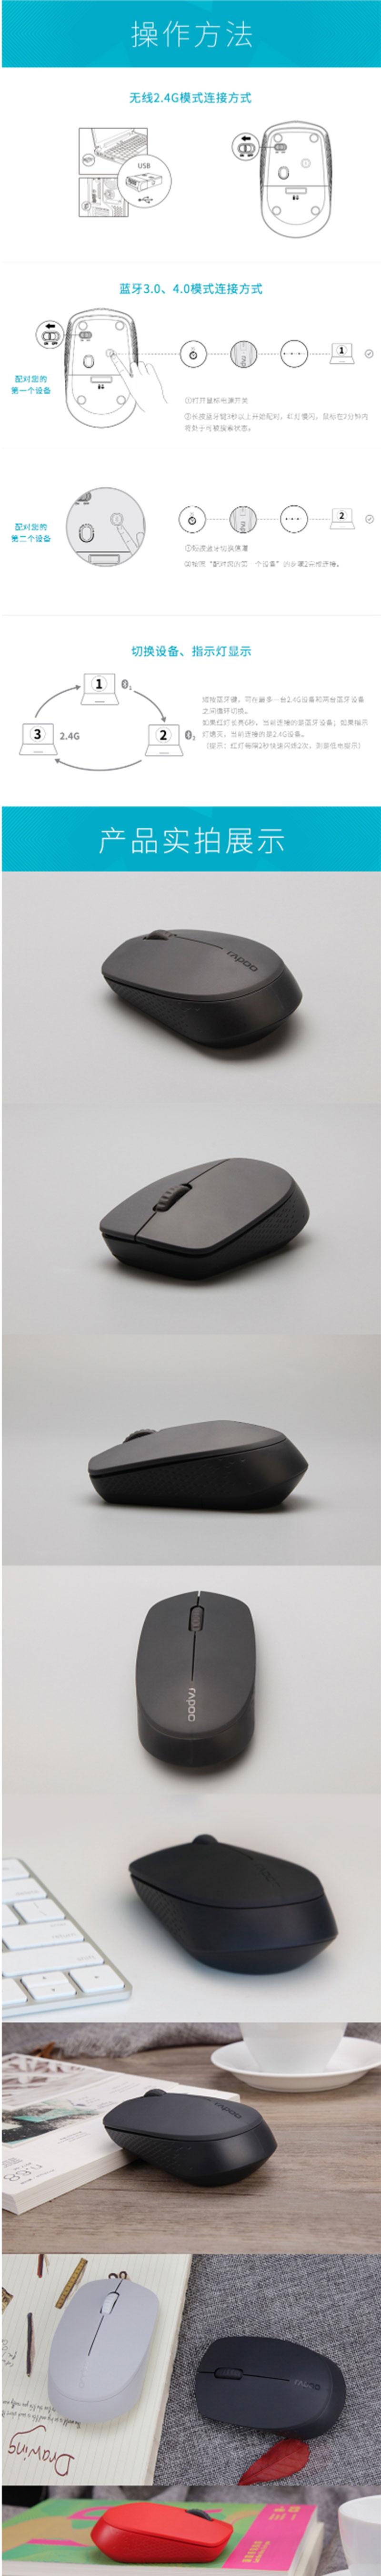 雷柏T100 无线蓝牙三模鼠标